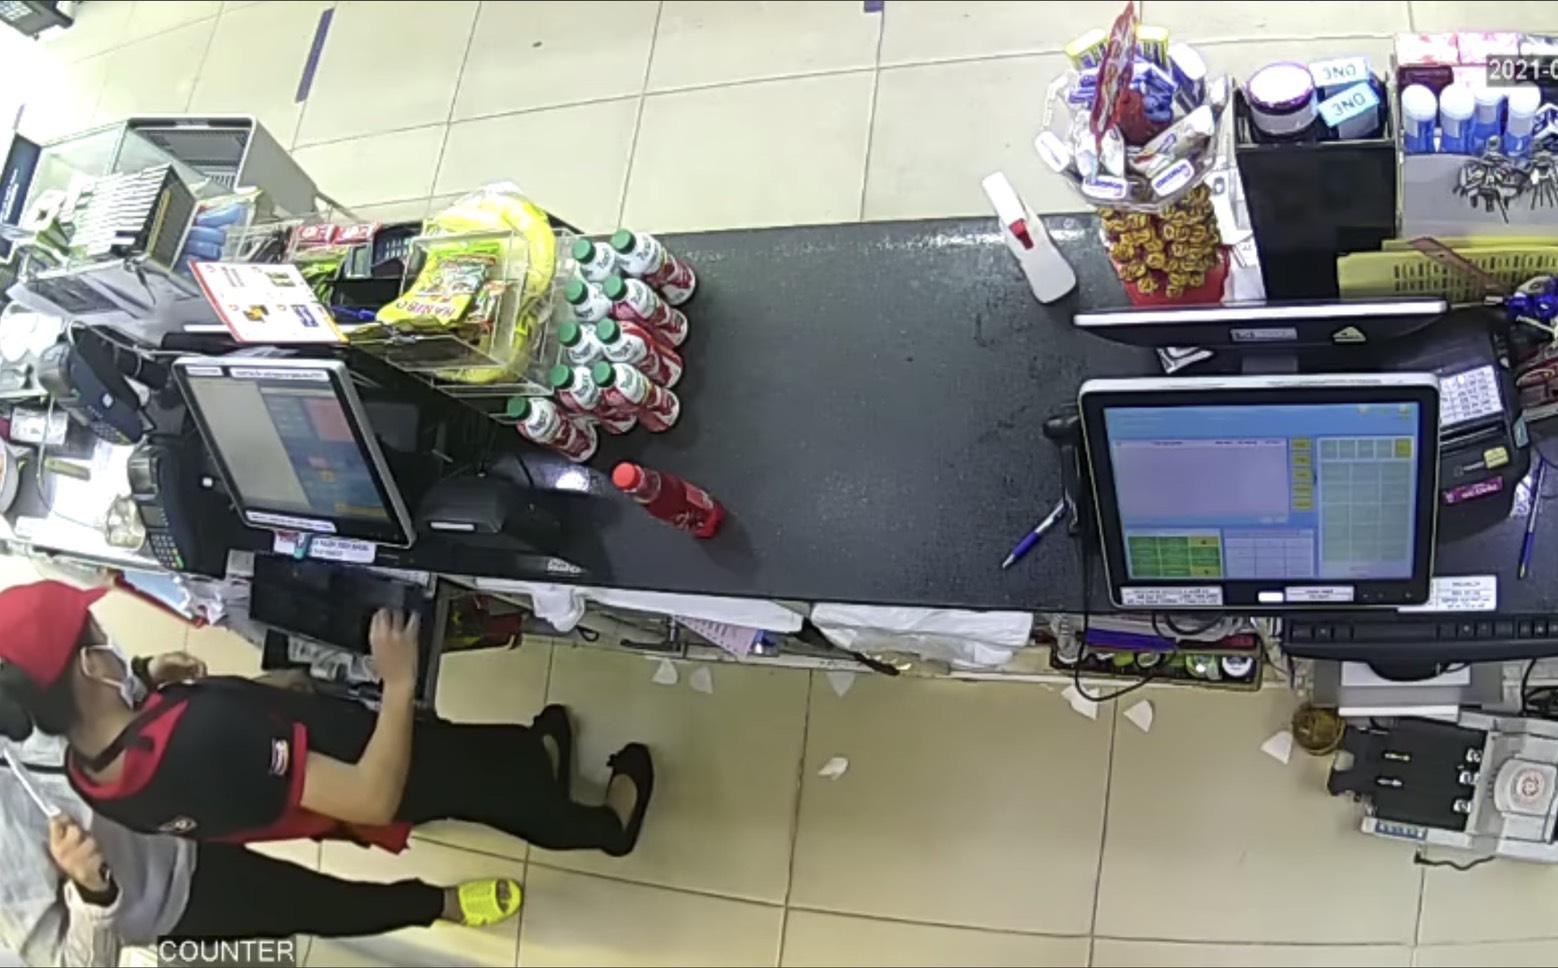 Clip: Thanh niên dùng dao kề cổ nữ nhân viên, cướp tài sản trong cửa hàng tiện lợi ở Sài Gòn